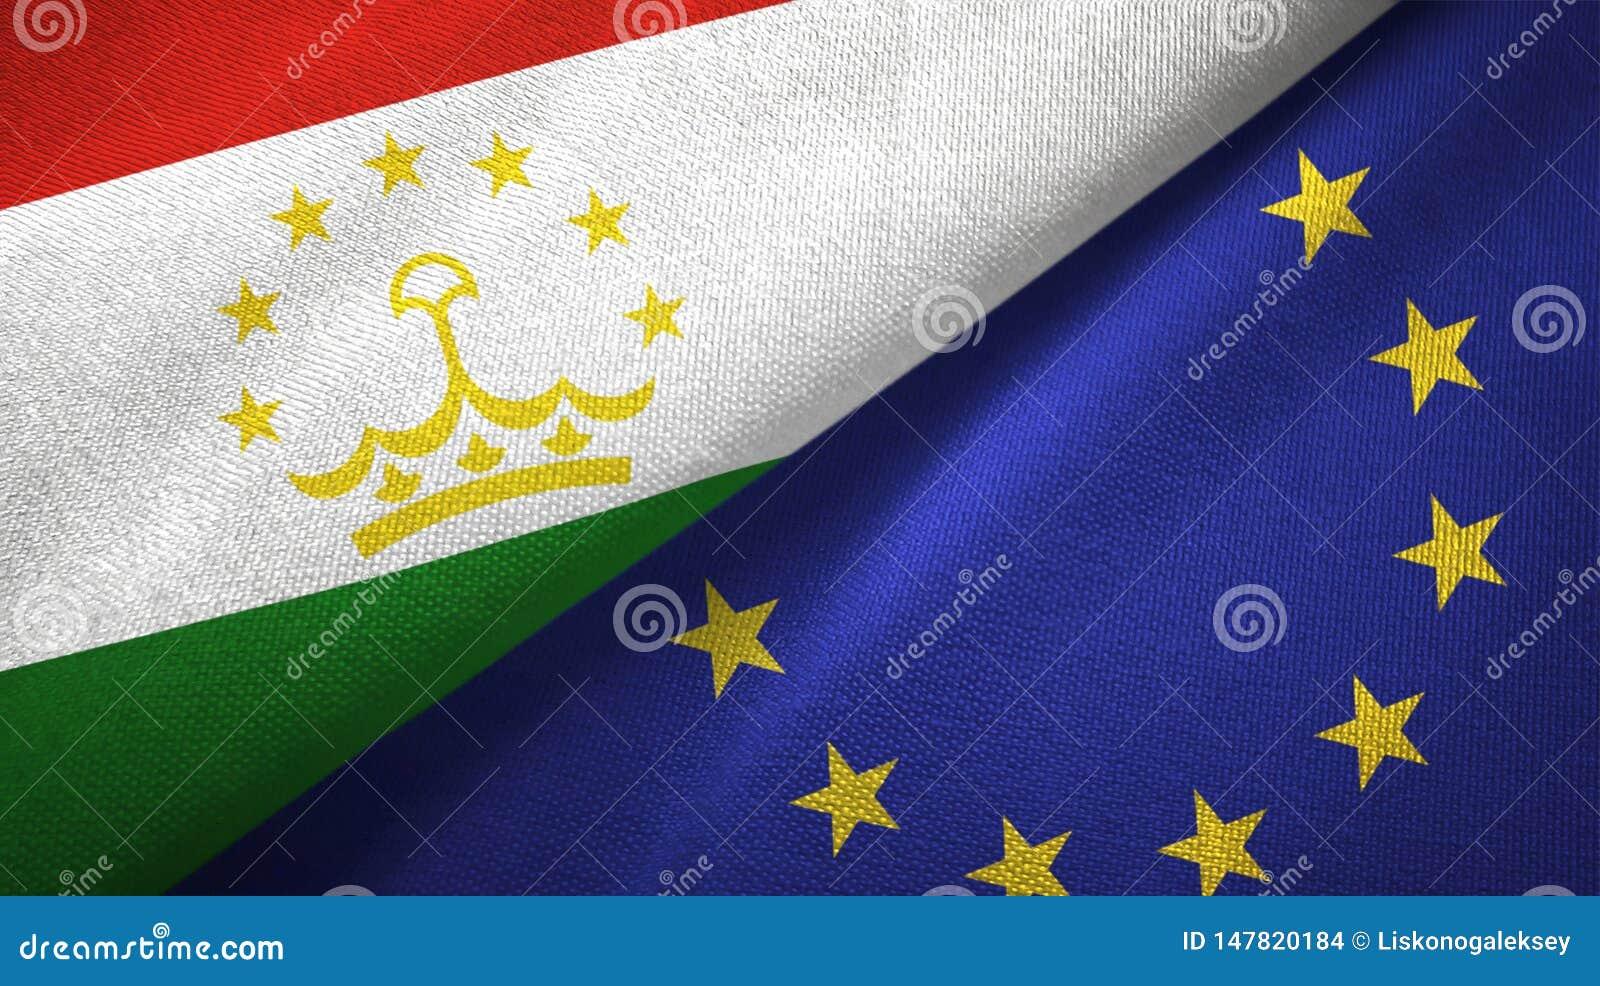 Paño de la materia textil de las banderas de Tayikistán y de la unión europea dos, textura de la tela